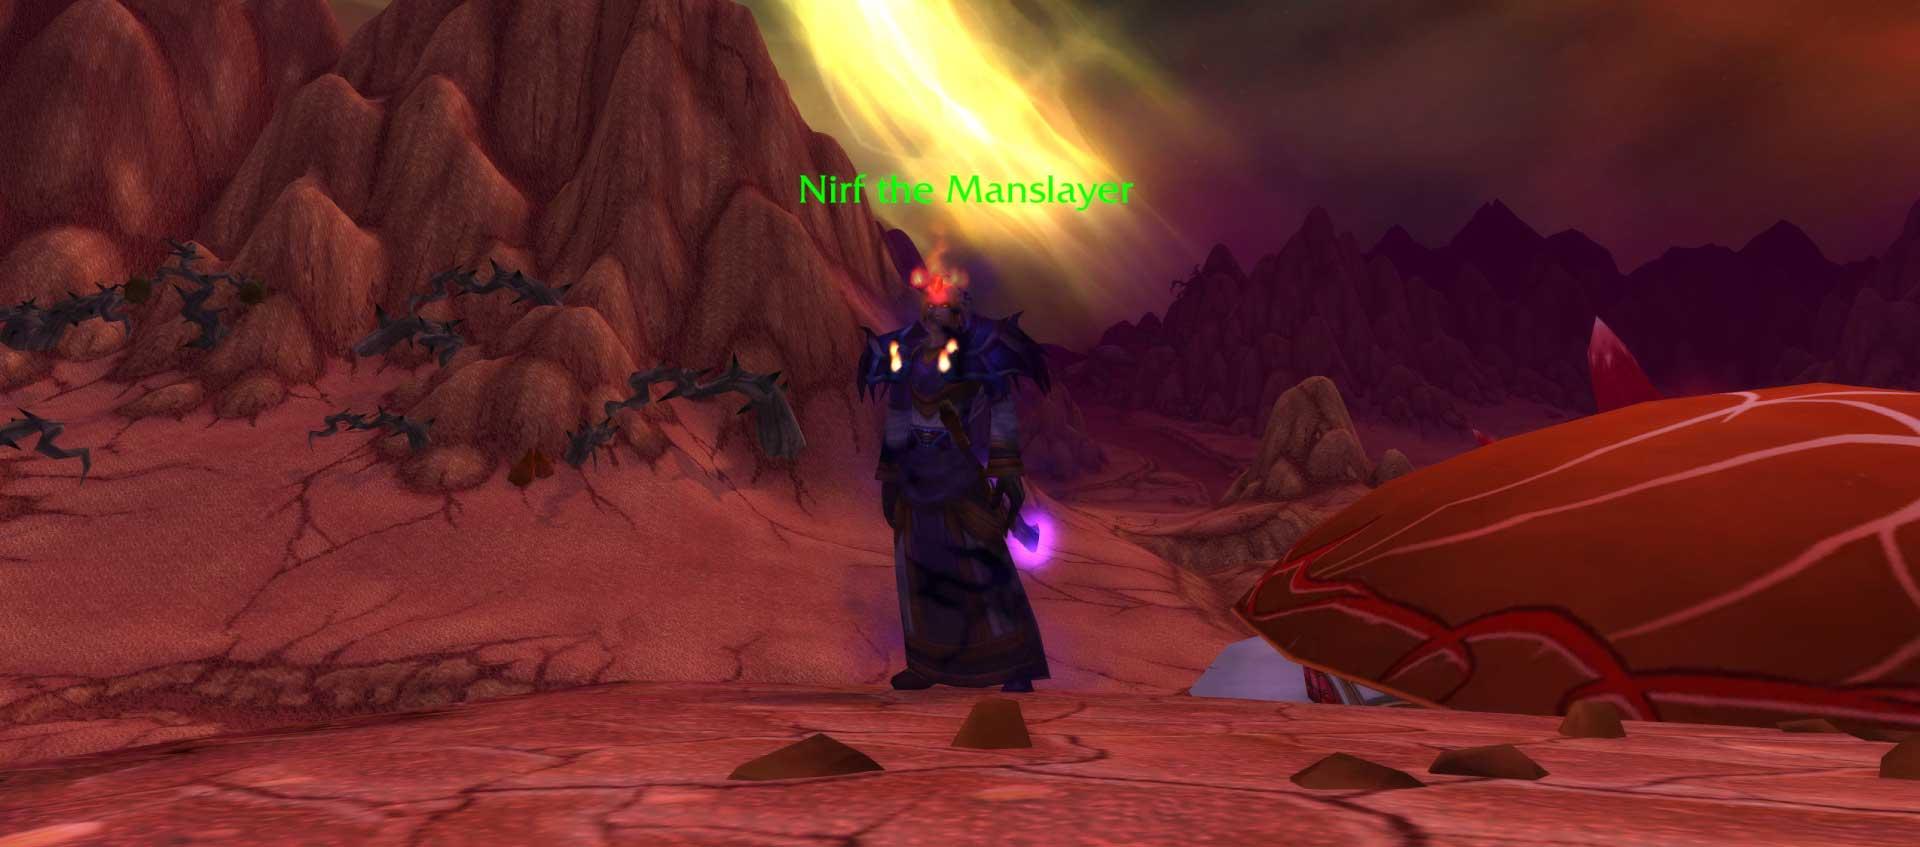 Najciekawsza klasa ispecjalizacja wWorld of Warcraft Shadowlands